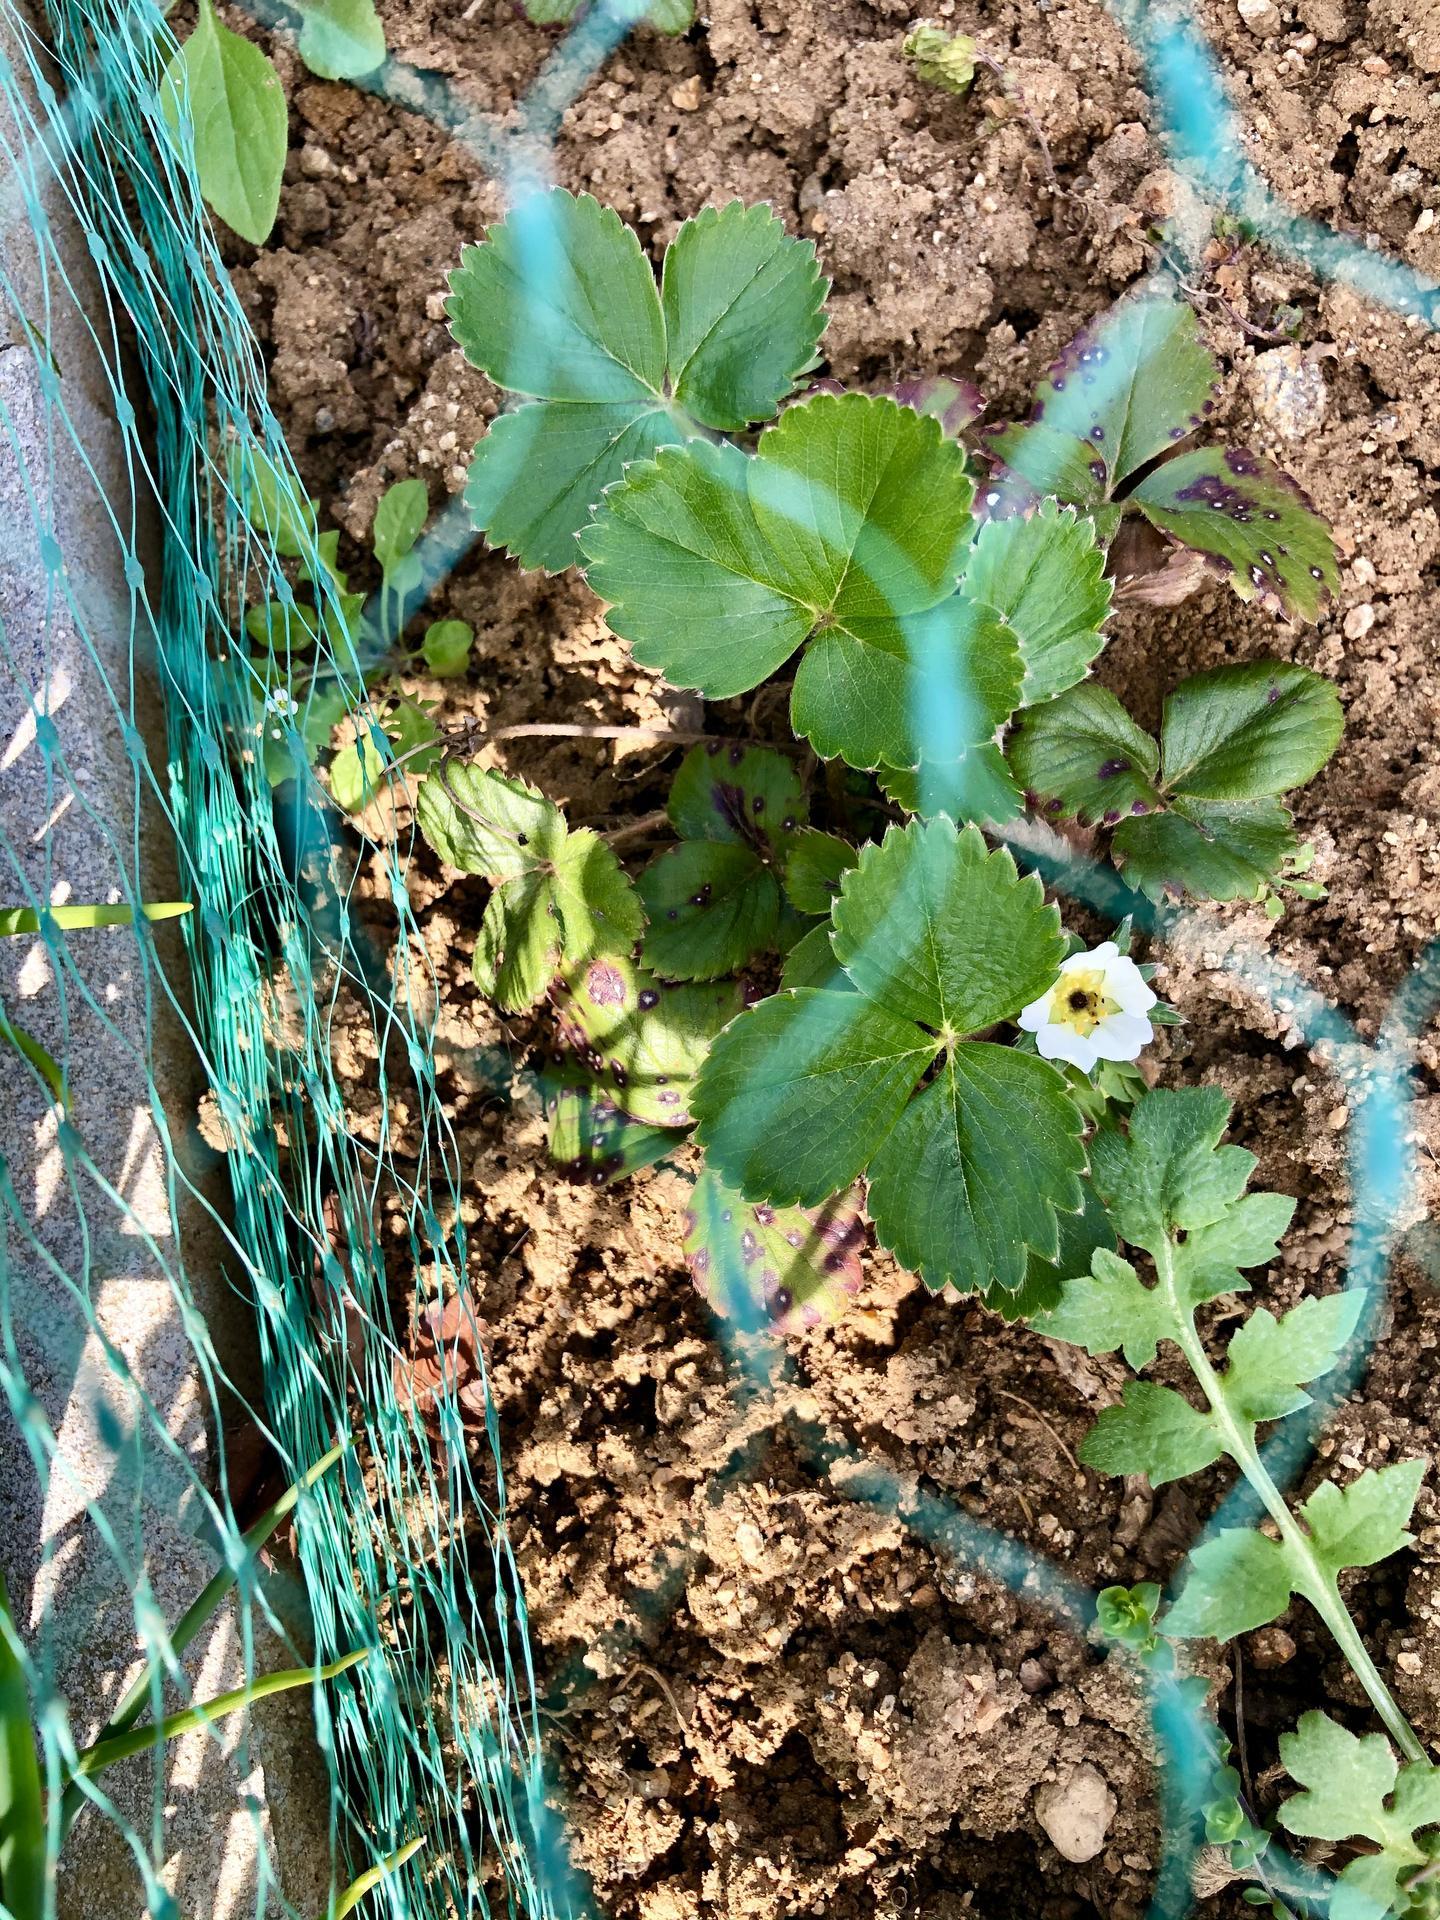 Skřítčí zahrada 2021 - Duben 2021 - začínají kvést jahody